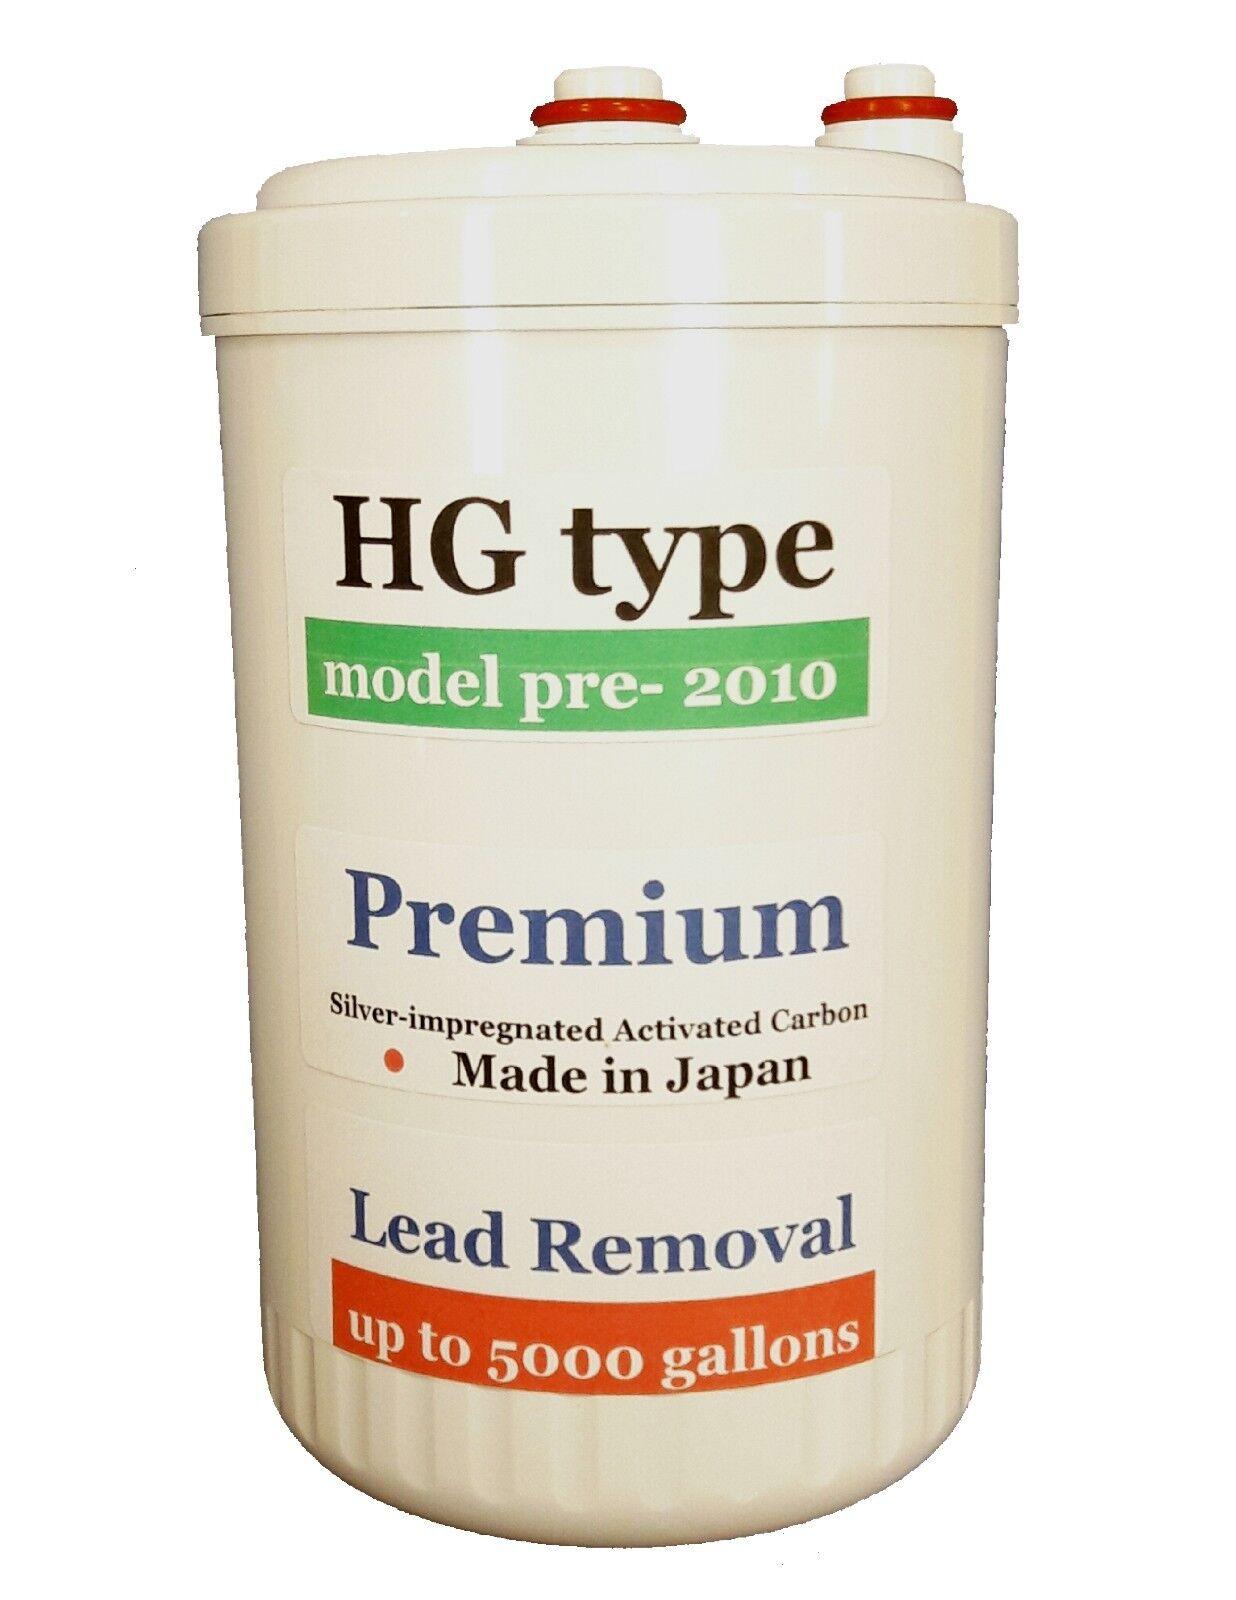 Japan Made  HG  TYPE PREMIUM REPLACEMENT FILTER FOR ENAGIC KANGEN WATER SD 501HG